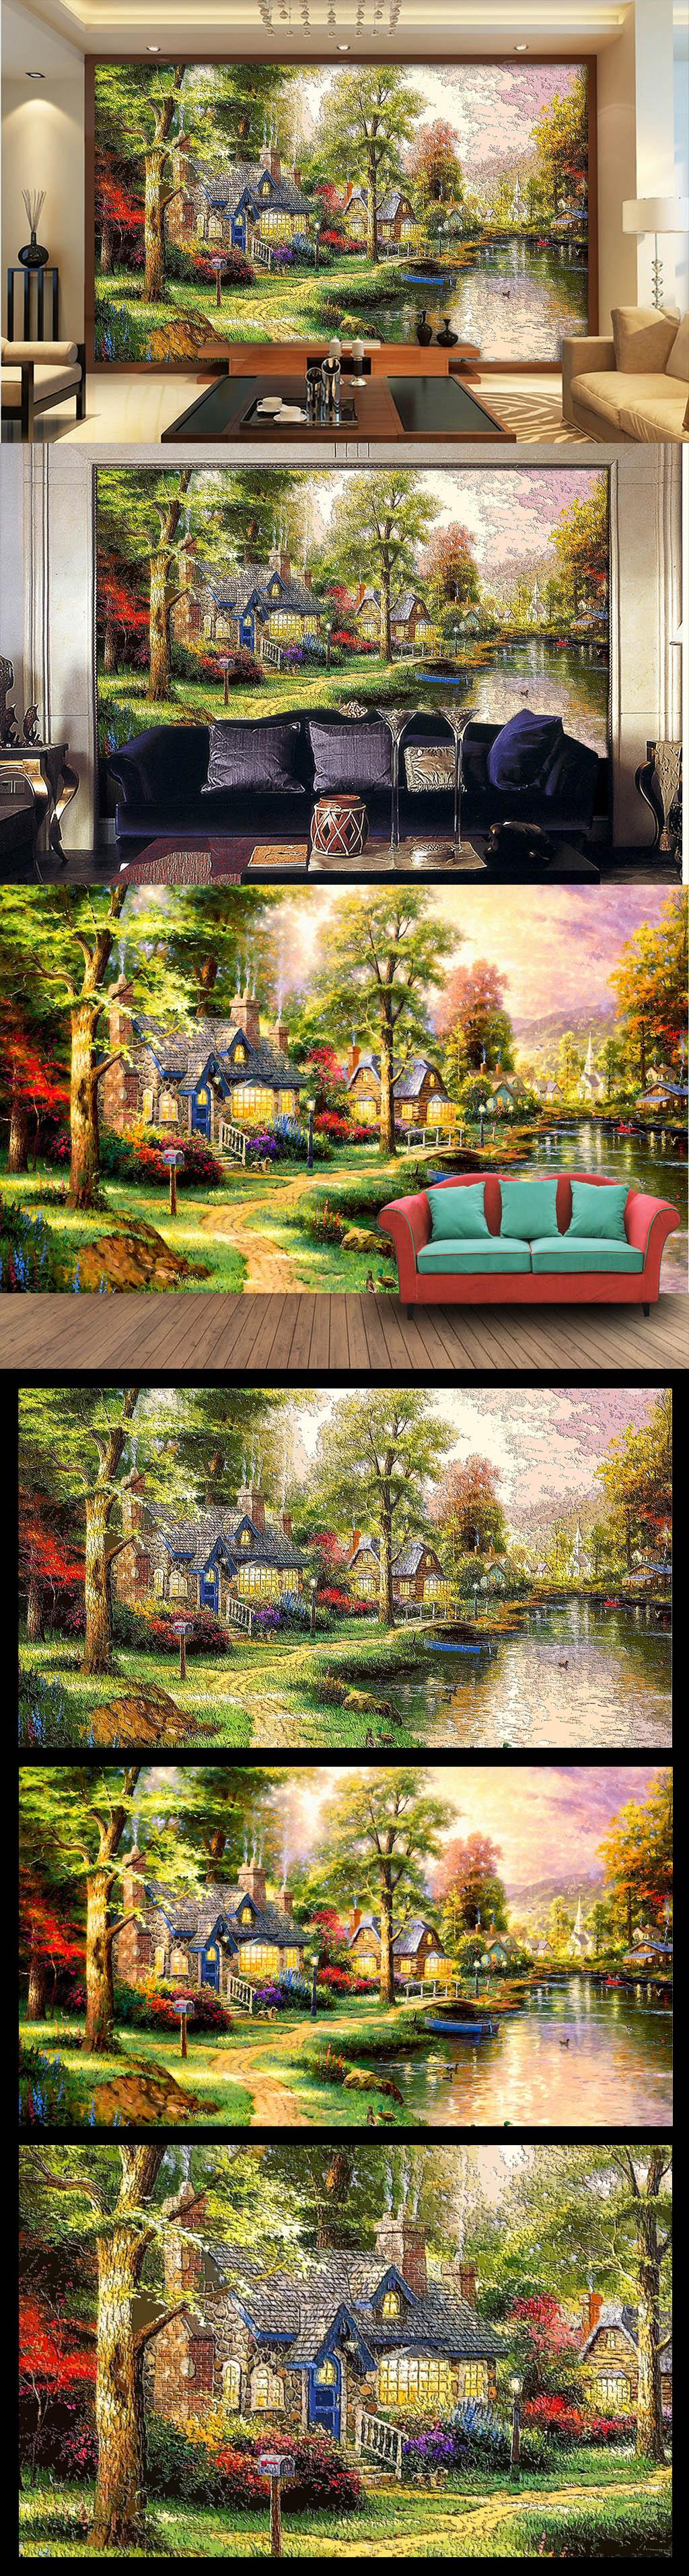 木雕木刻风格欧美乡村森林小屋油画电视墙